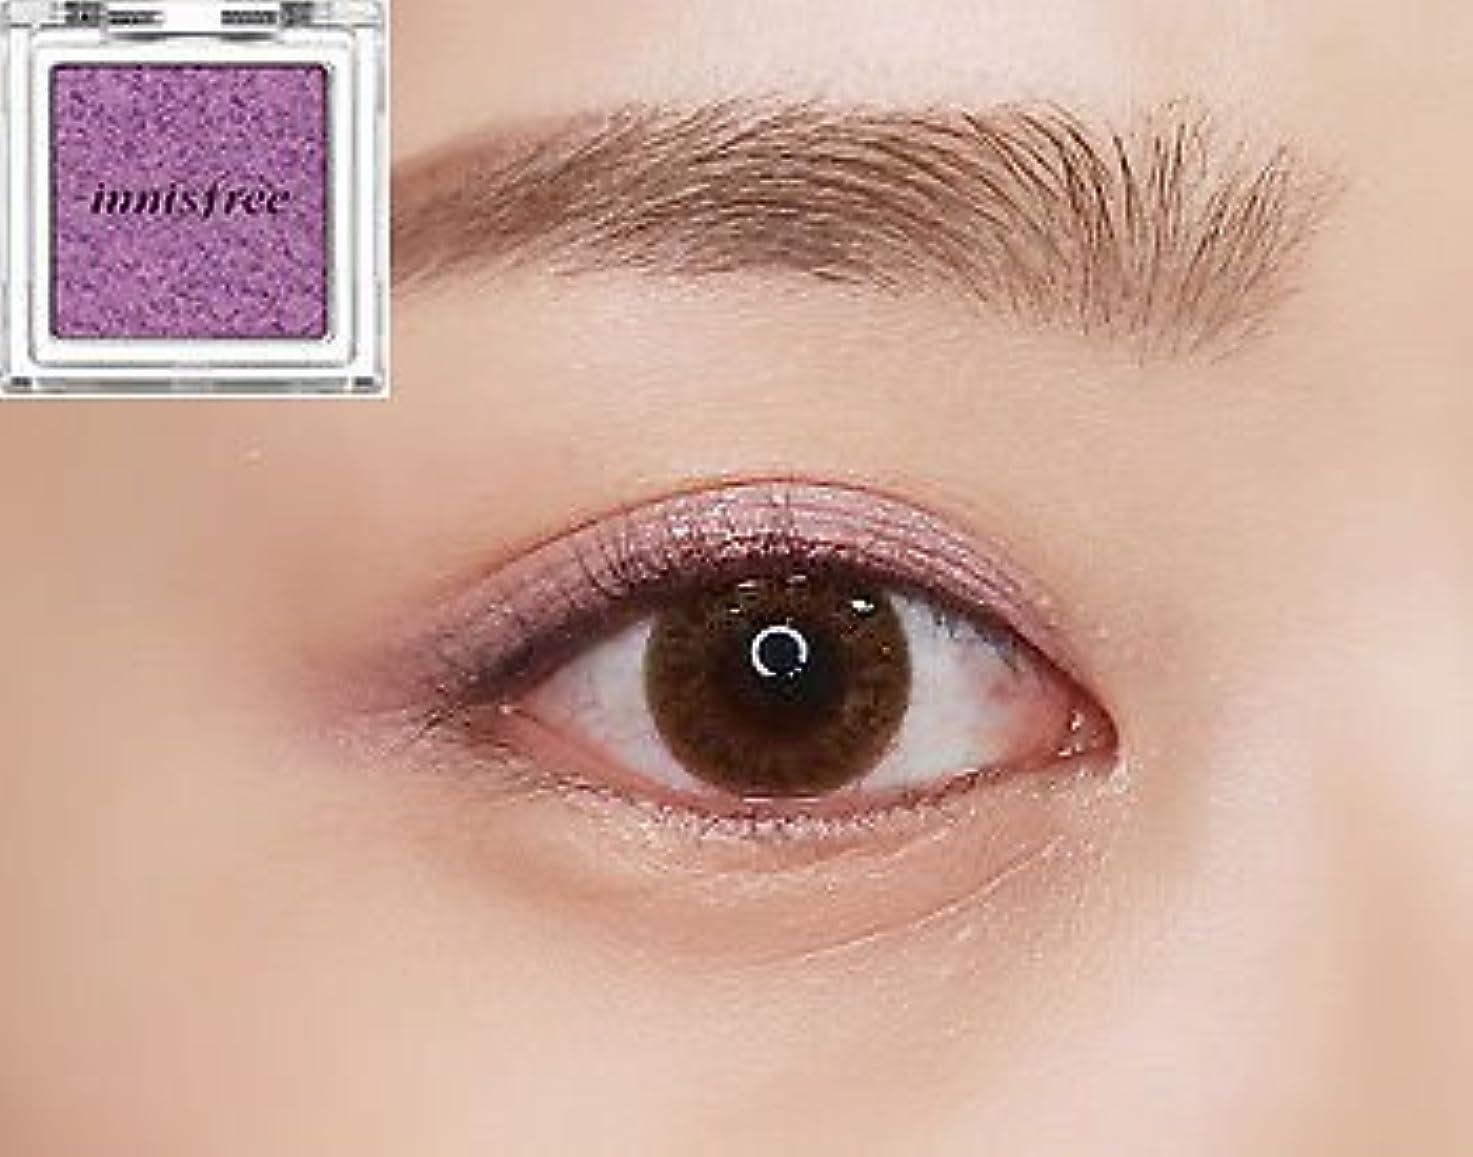 花フルーツユダヤ人[イニスフリー] innisfree [マイ パレット マイ アイシャドウ (グリッタ一) 25カラー] MY PALETTE My Eyeshadow (Glitter) 25 Shades [海外直送品] (グリッタ...